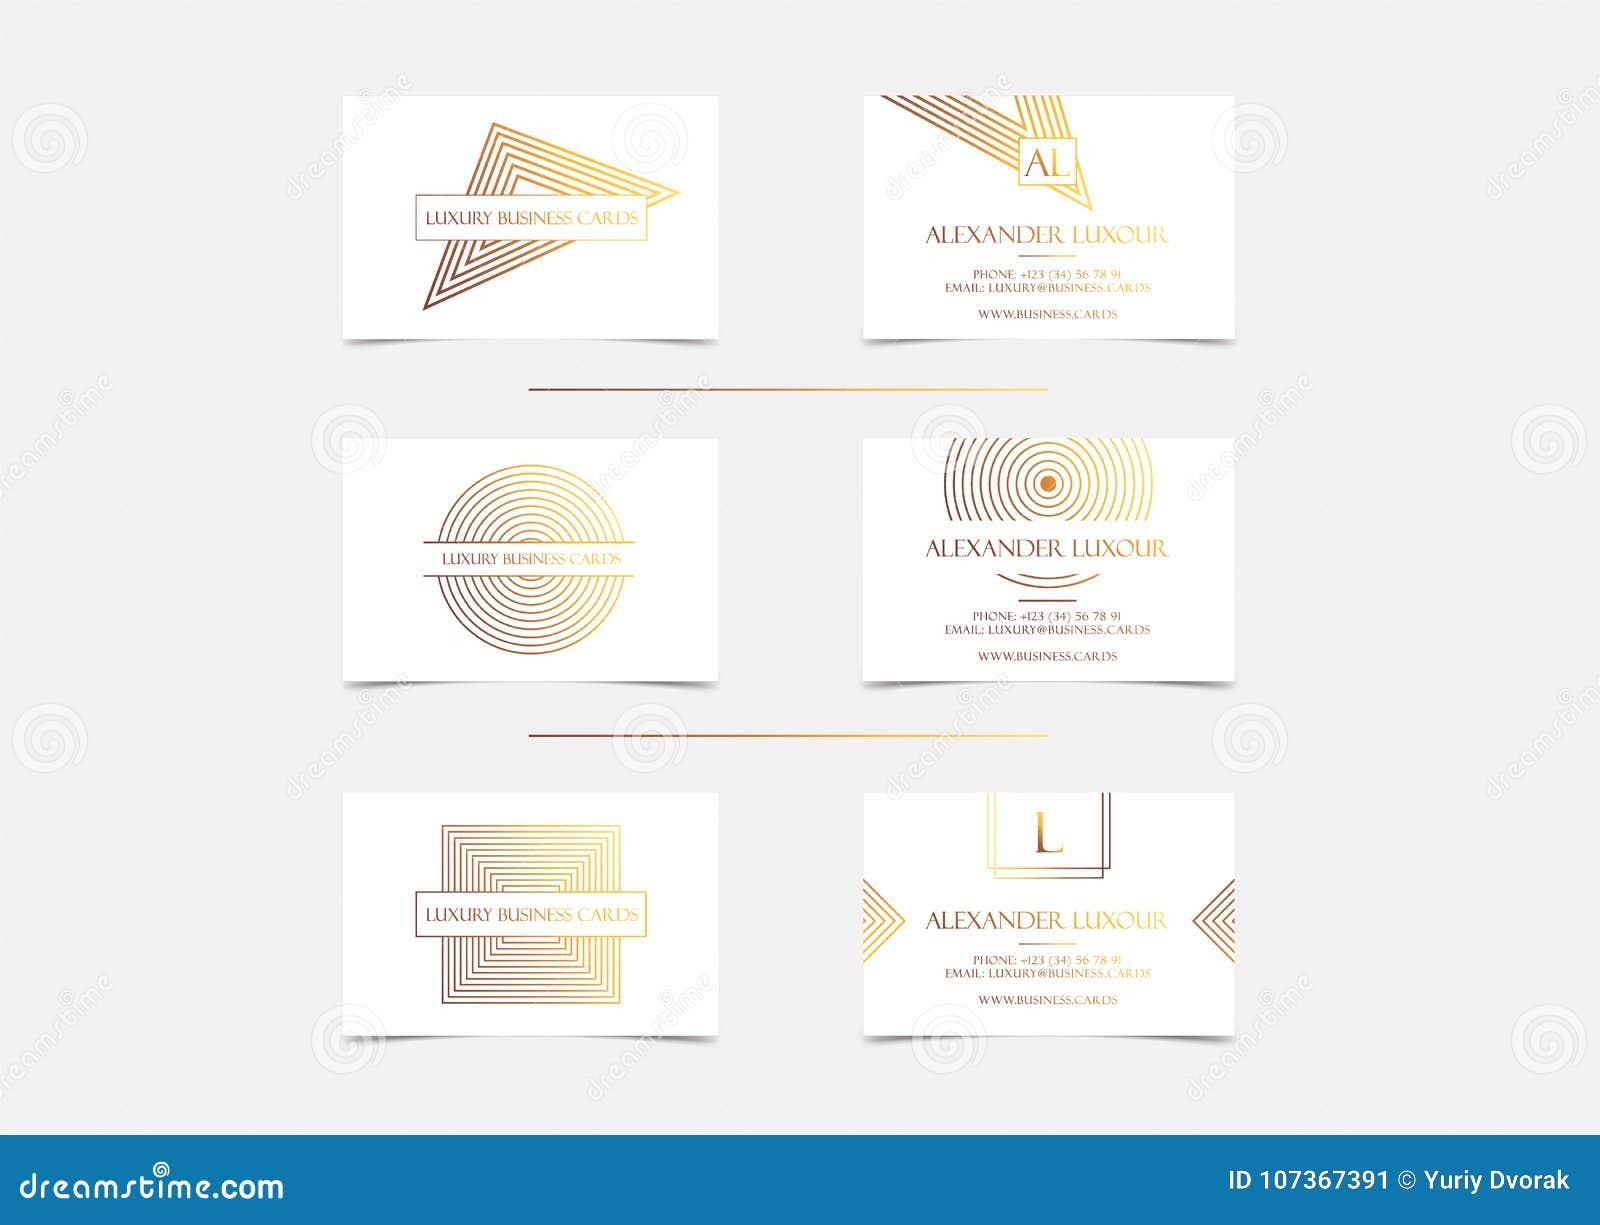 Les Cartes De Visite Professionnelle Luxe Dor Blanc Ont Place Pour Levenement VIP Carte Voeux Elegante Avec Le Modele Geometrique